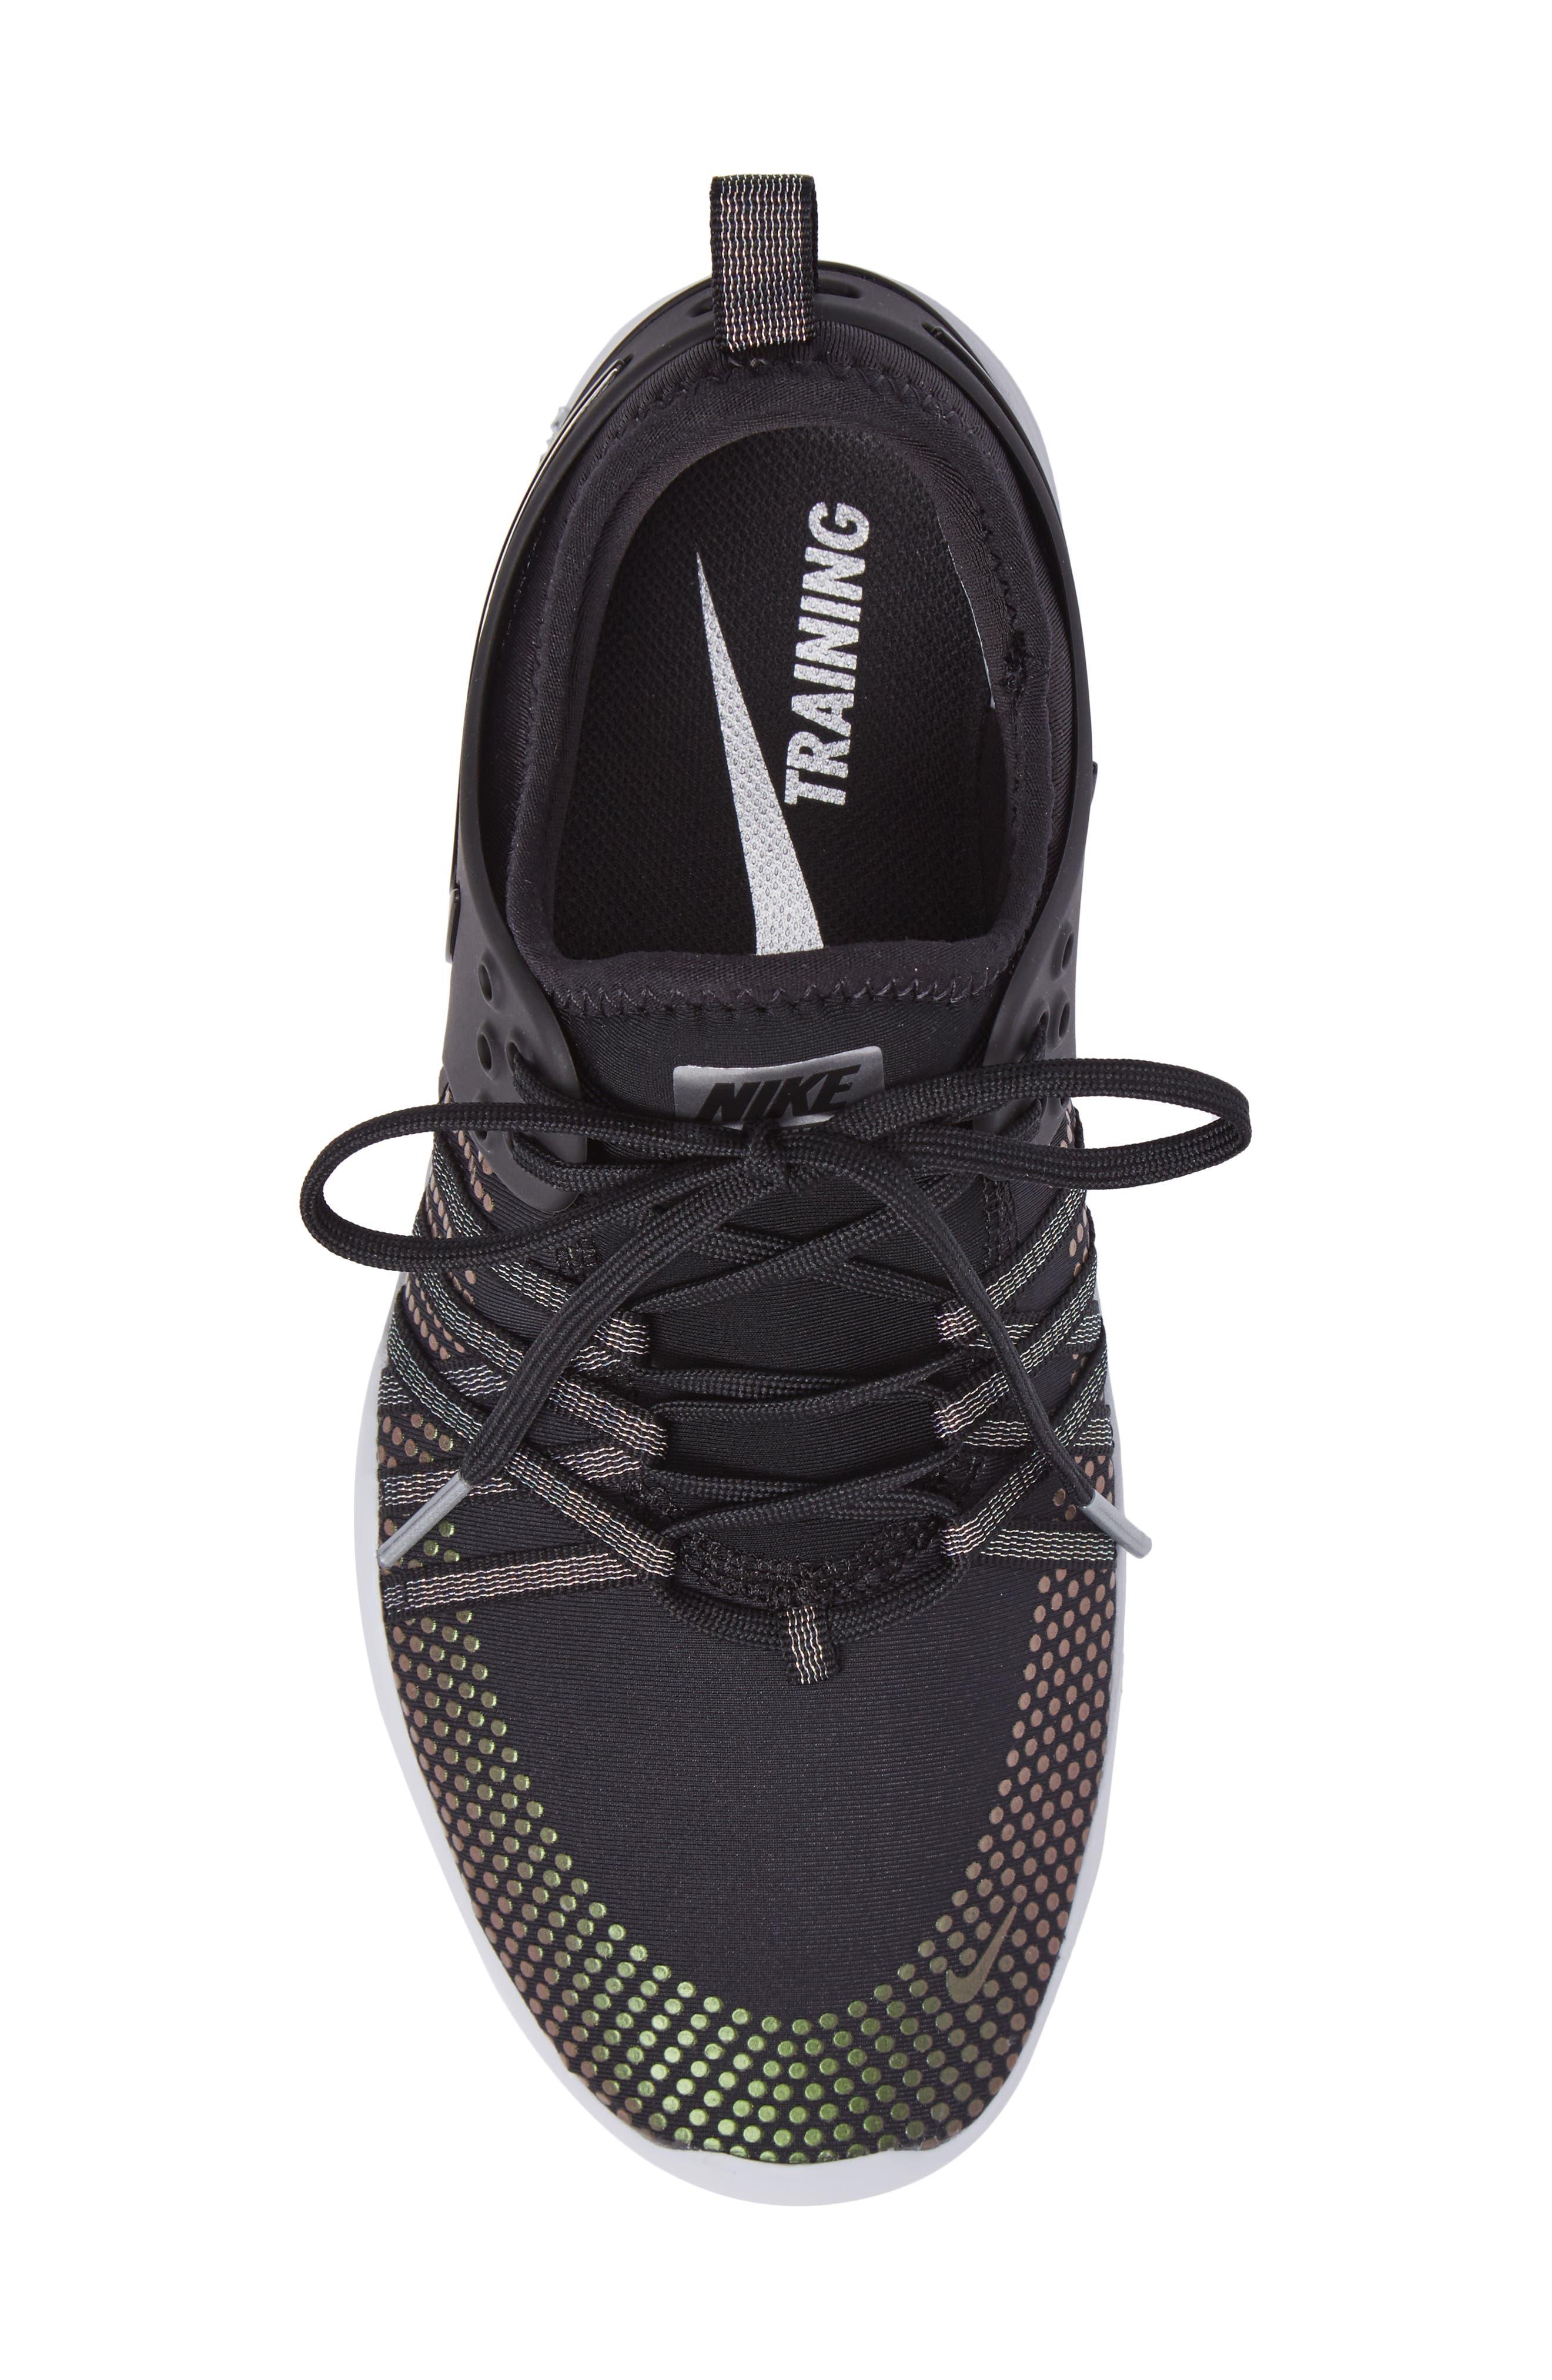 Free TR 7 Metallic Training Shoe,                             Alternate thumbnail 5, color,                             Black/ Black/ Pure Platinum